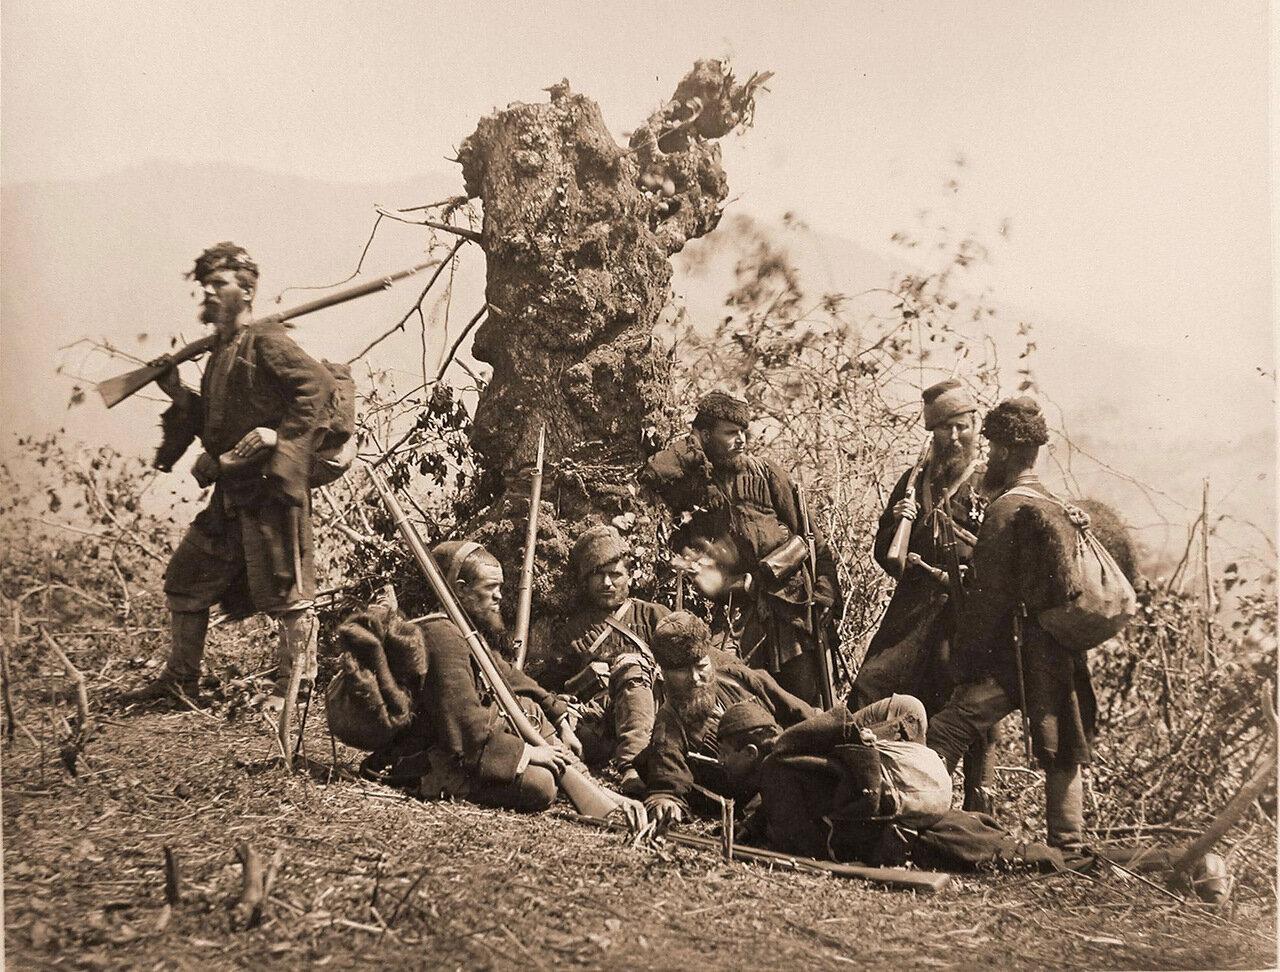 Охотники 1-го Пластунского батальона, уничтожившие передовой  Турецкий пикет из 16 человек у реки Кинтиш